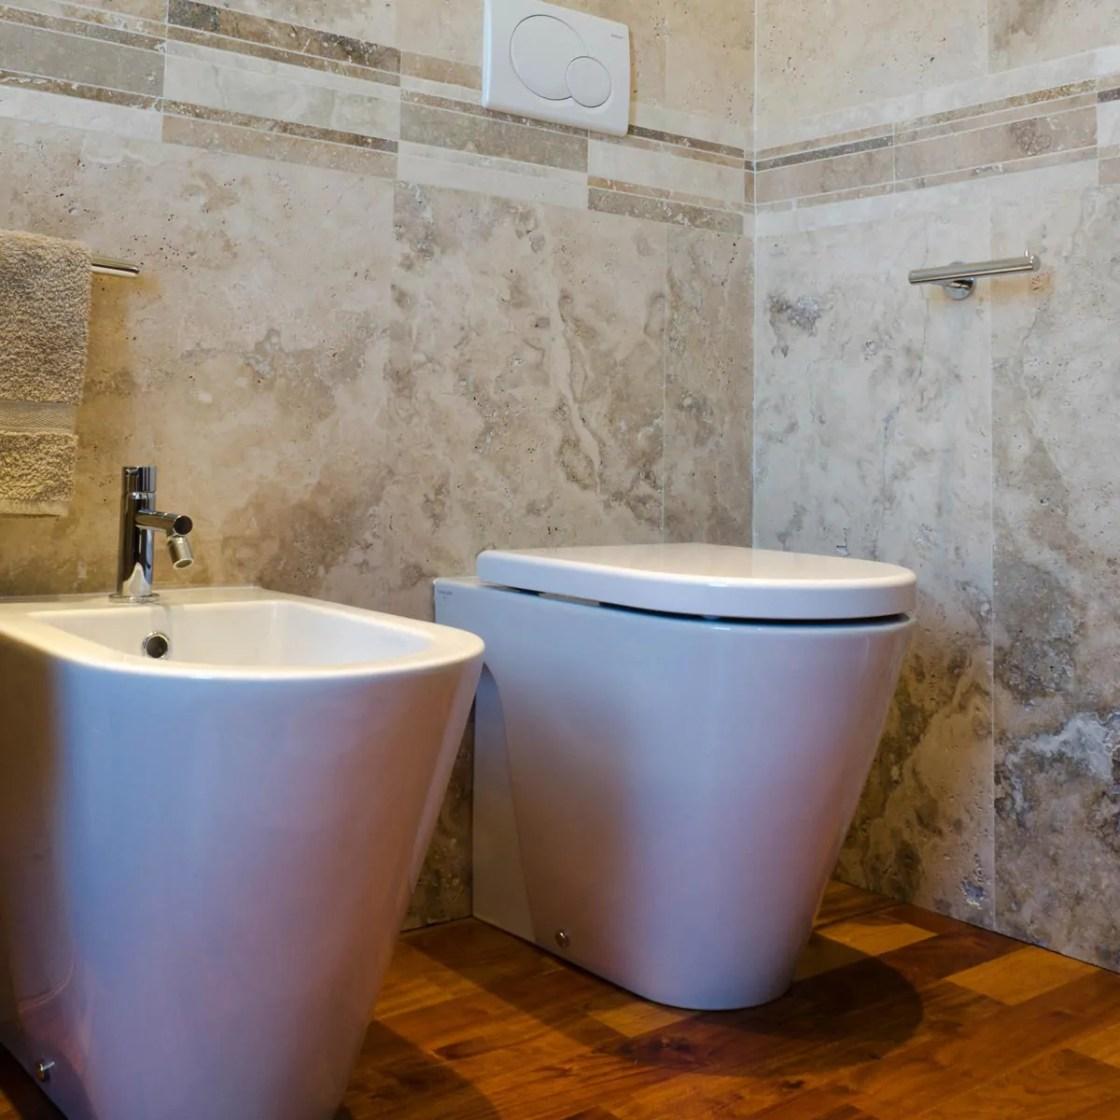 Bagno con rivestimento in travertino e pavimento in legno - Rivestimento bagno legno ...